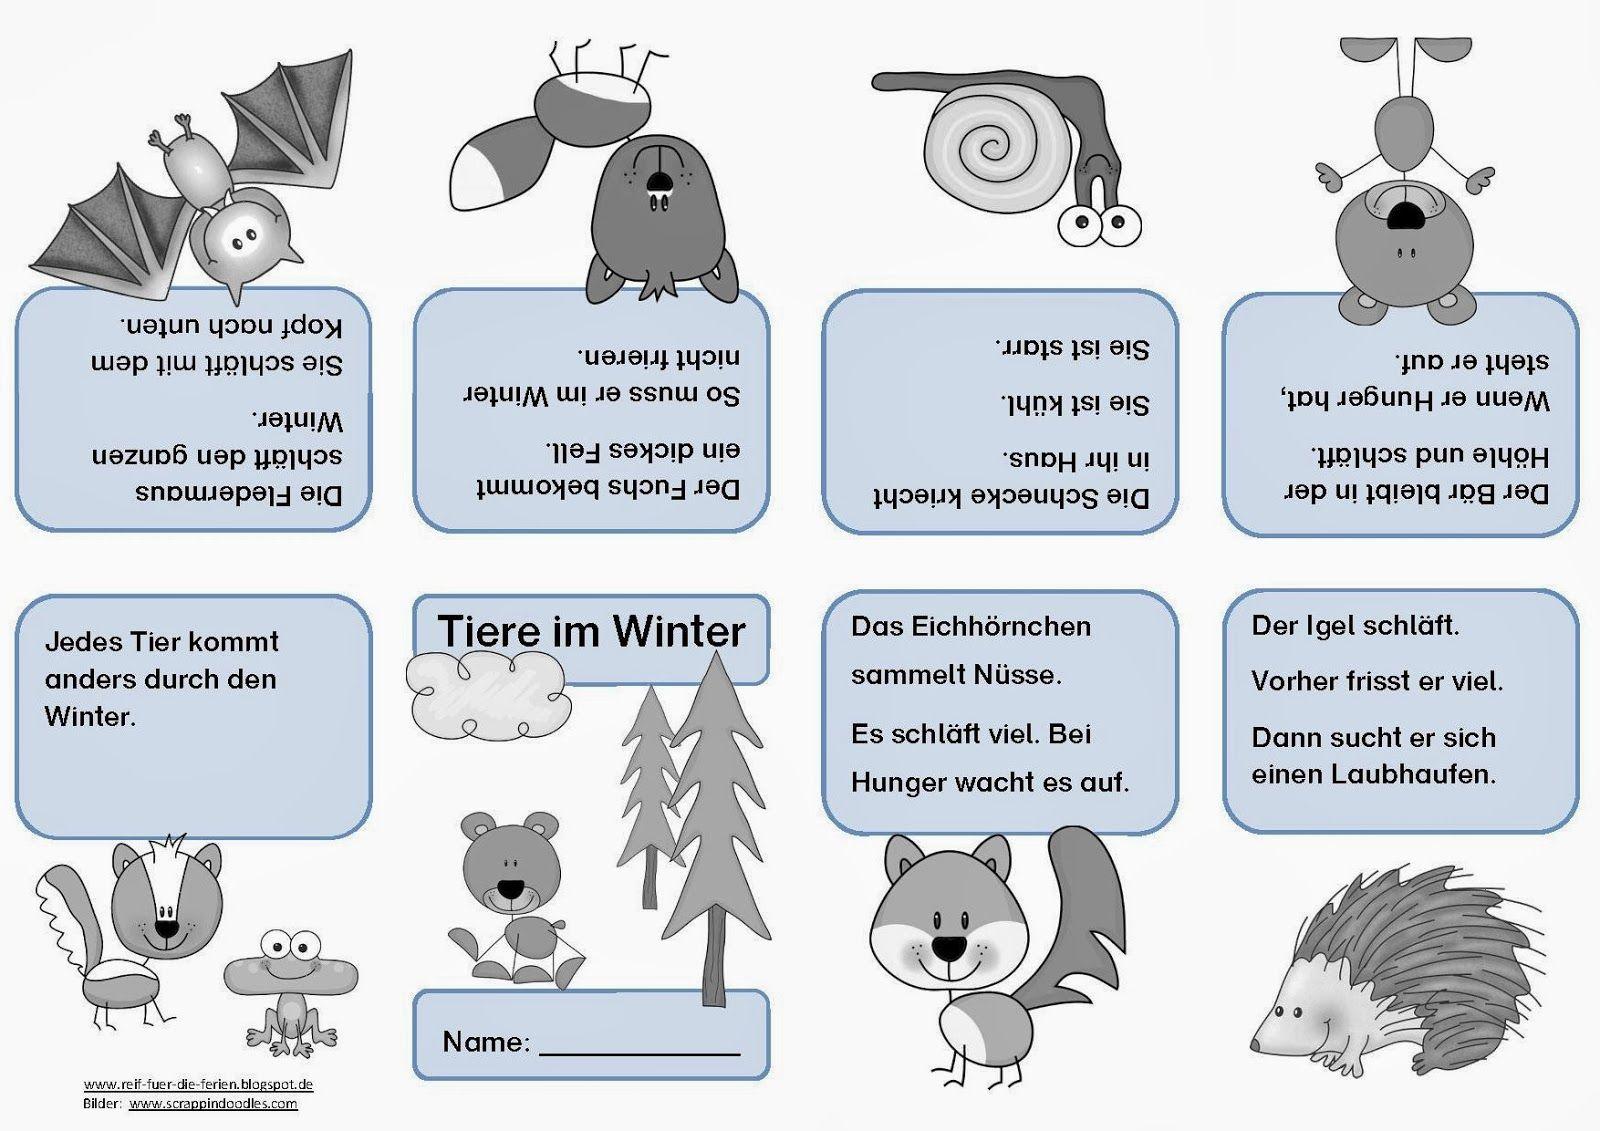 Tiere im winter kennenlernen Tierlexikon für Kinder, SWR Kindernetz OLI's Wilde Welt